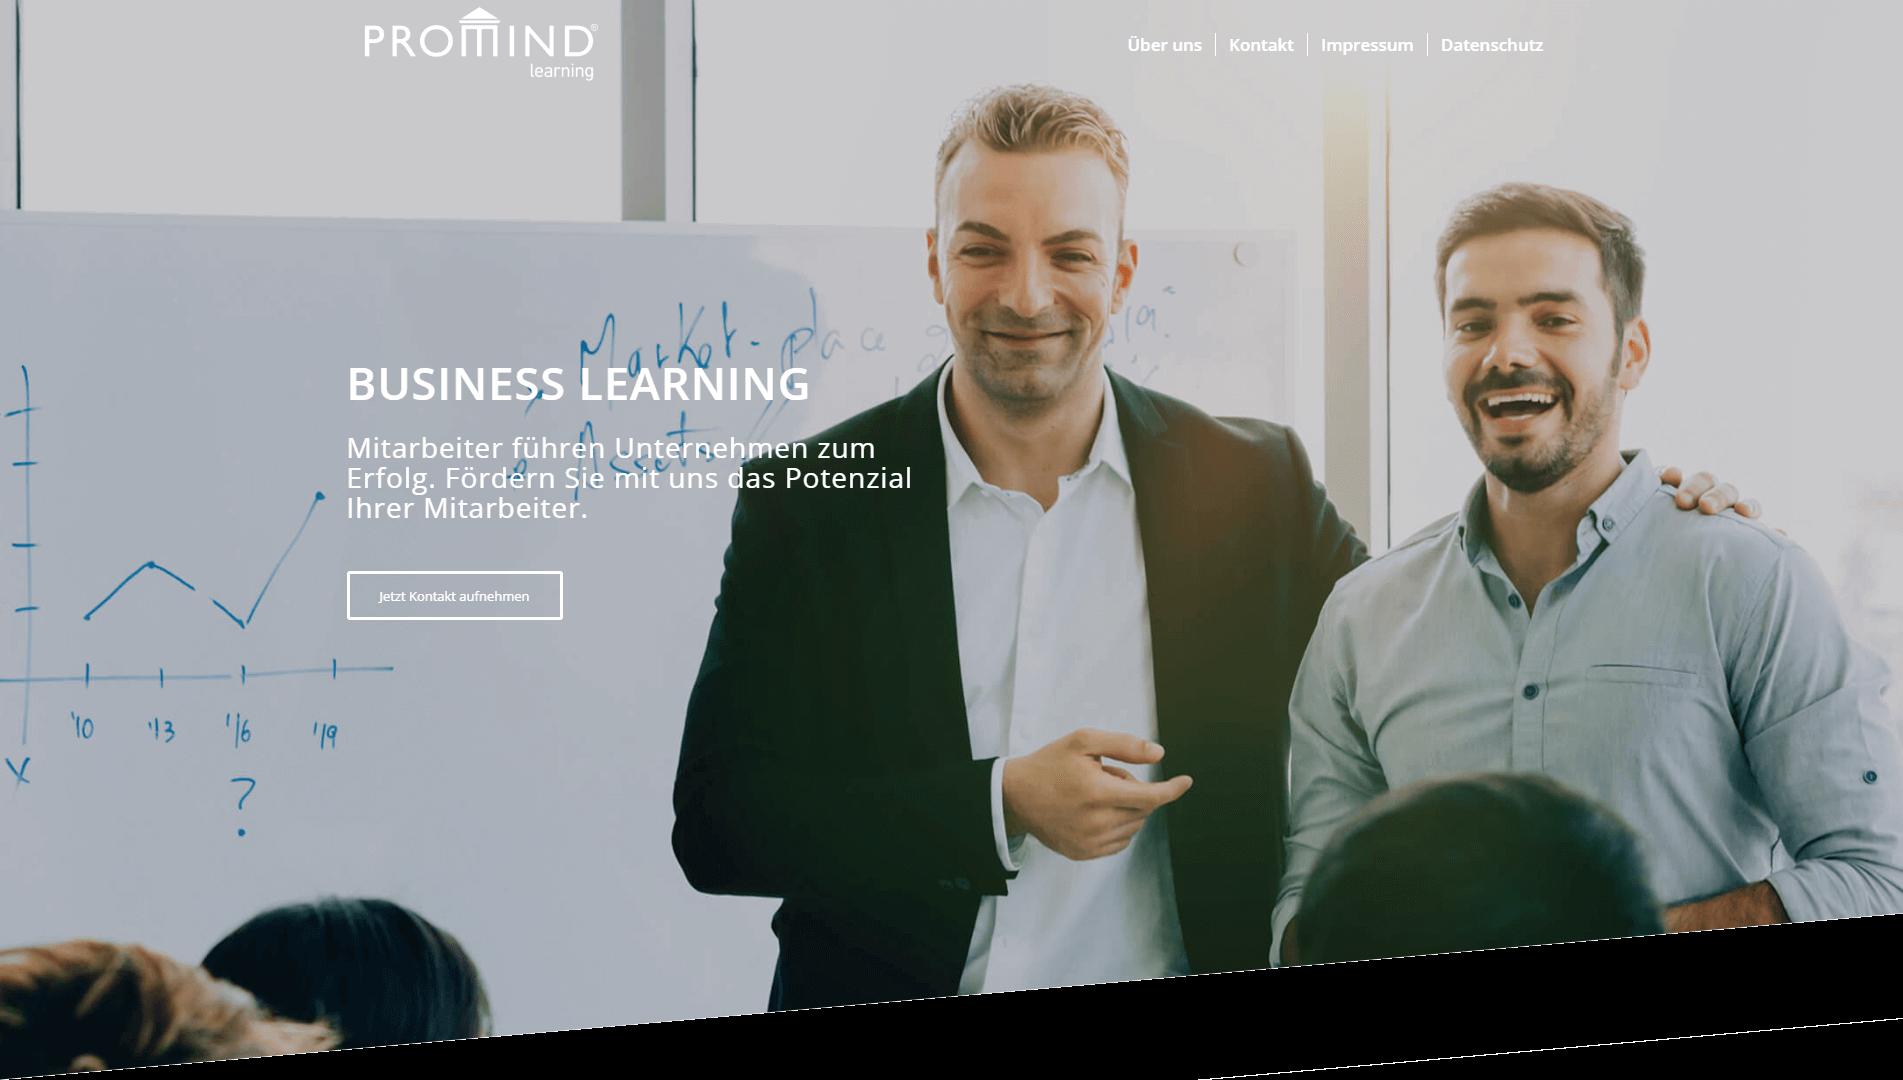 Lachende Seminarleiter und Teilnehmer von PROMIND learning | Business learning